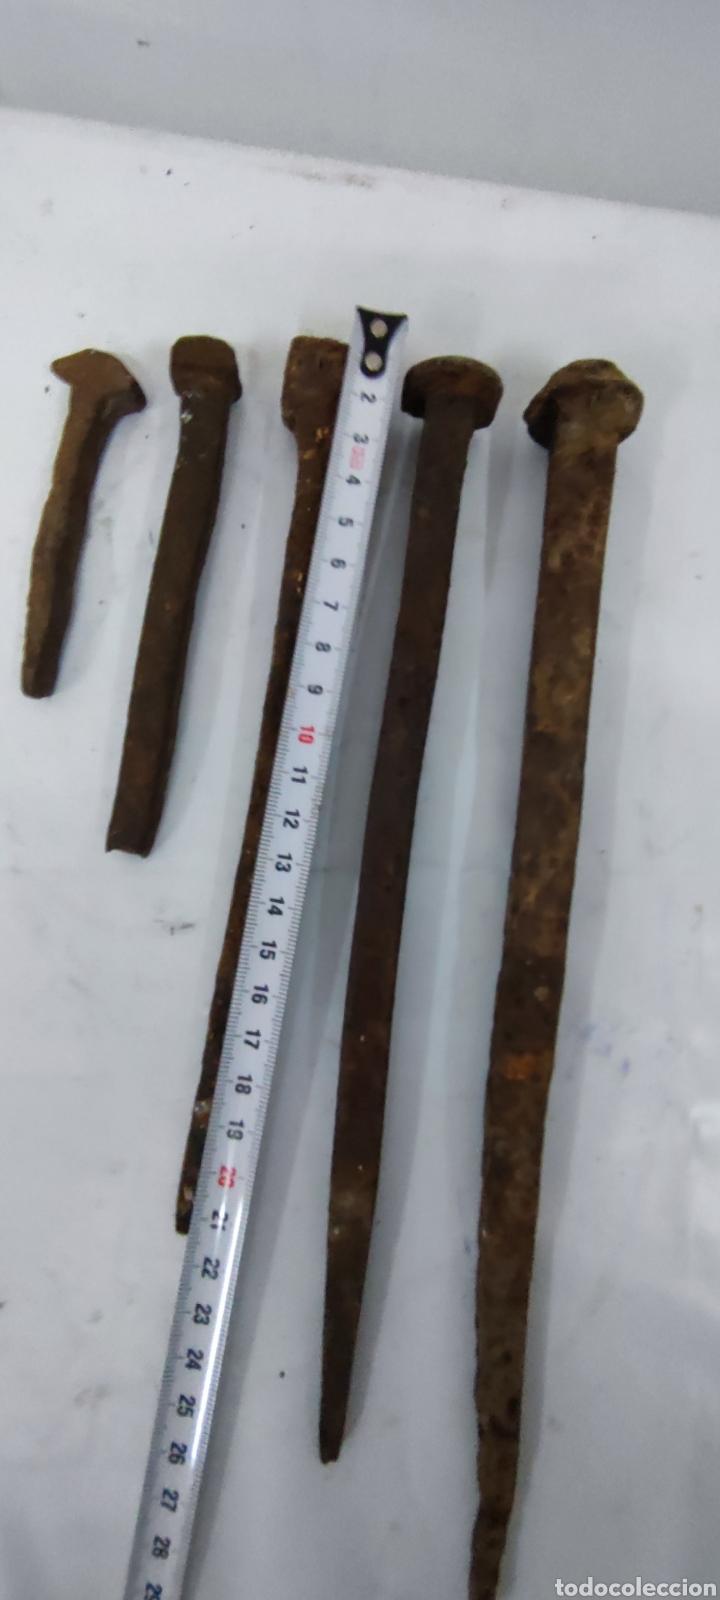 Antigüedades: Lote clavos antiguos - Foto 4 - 285618448